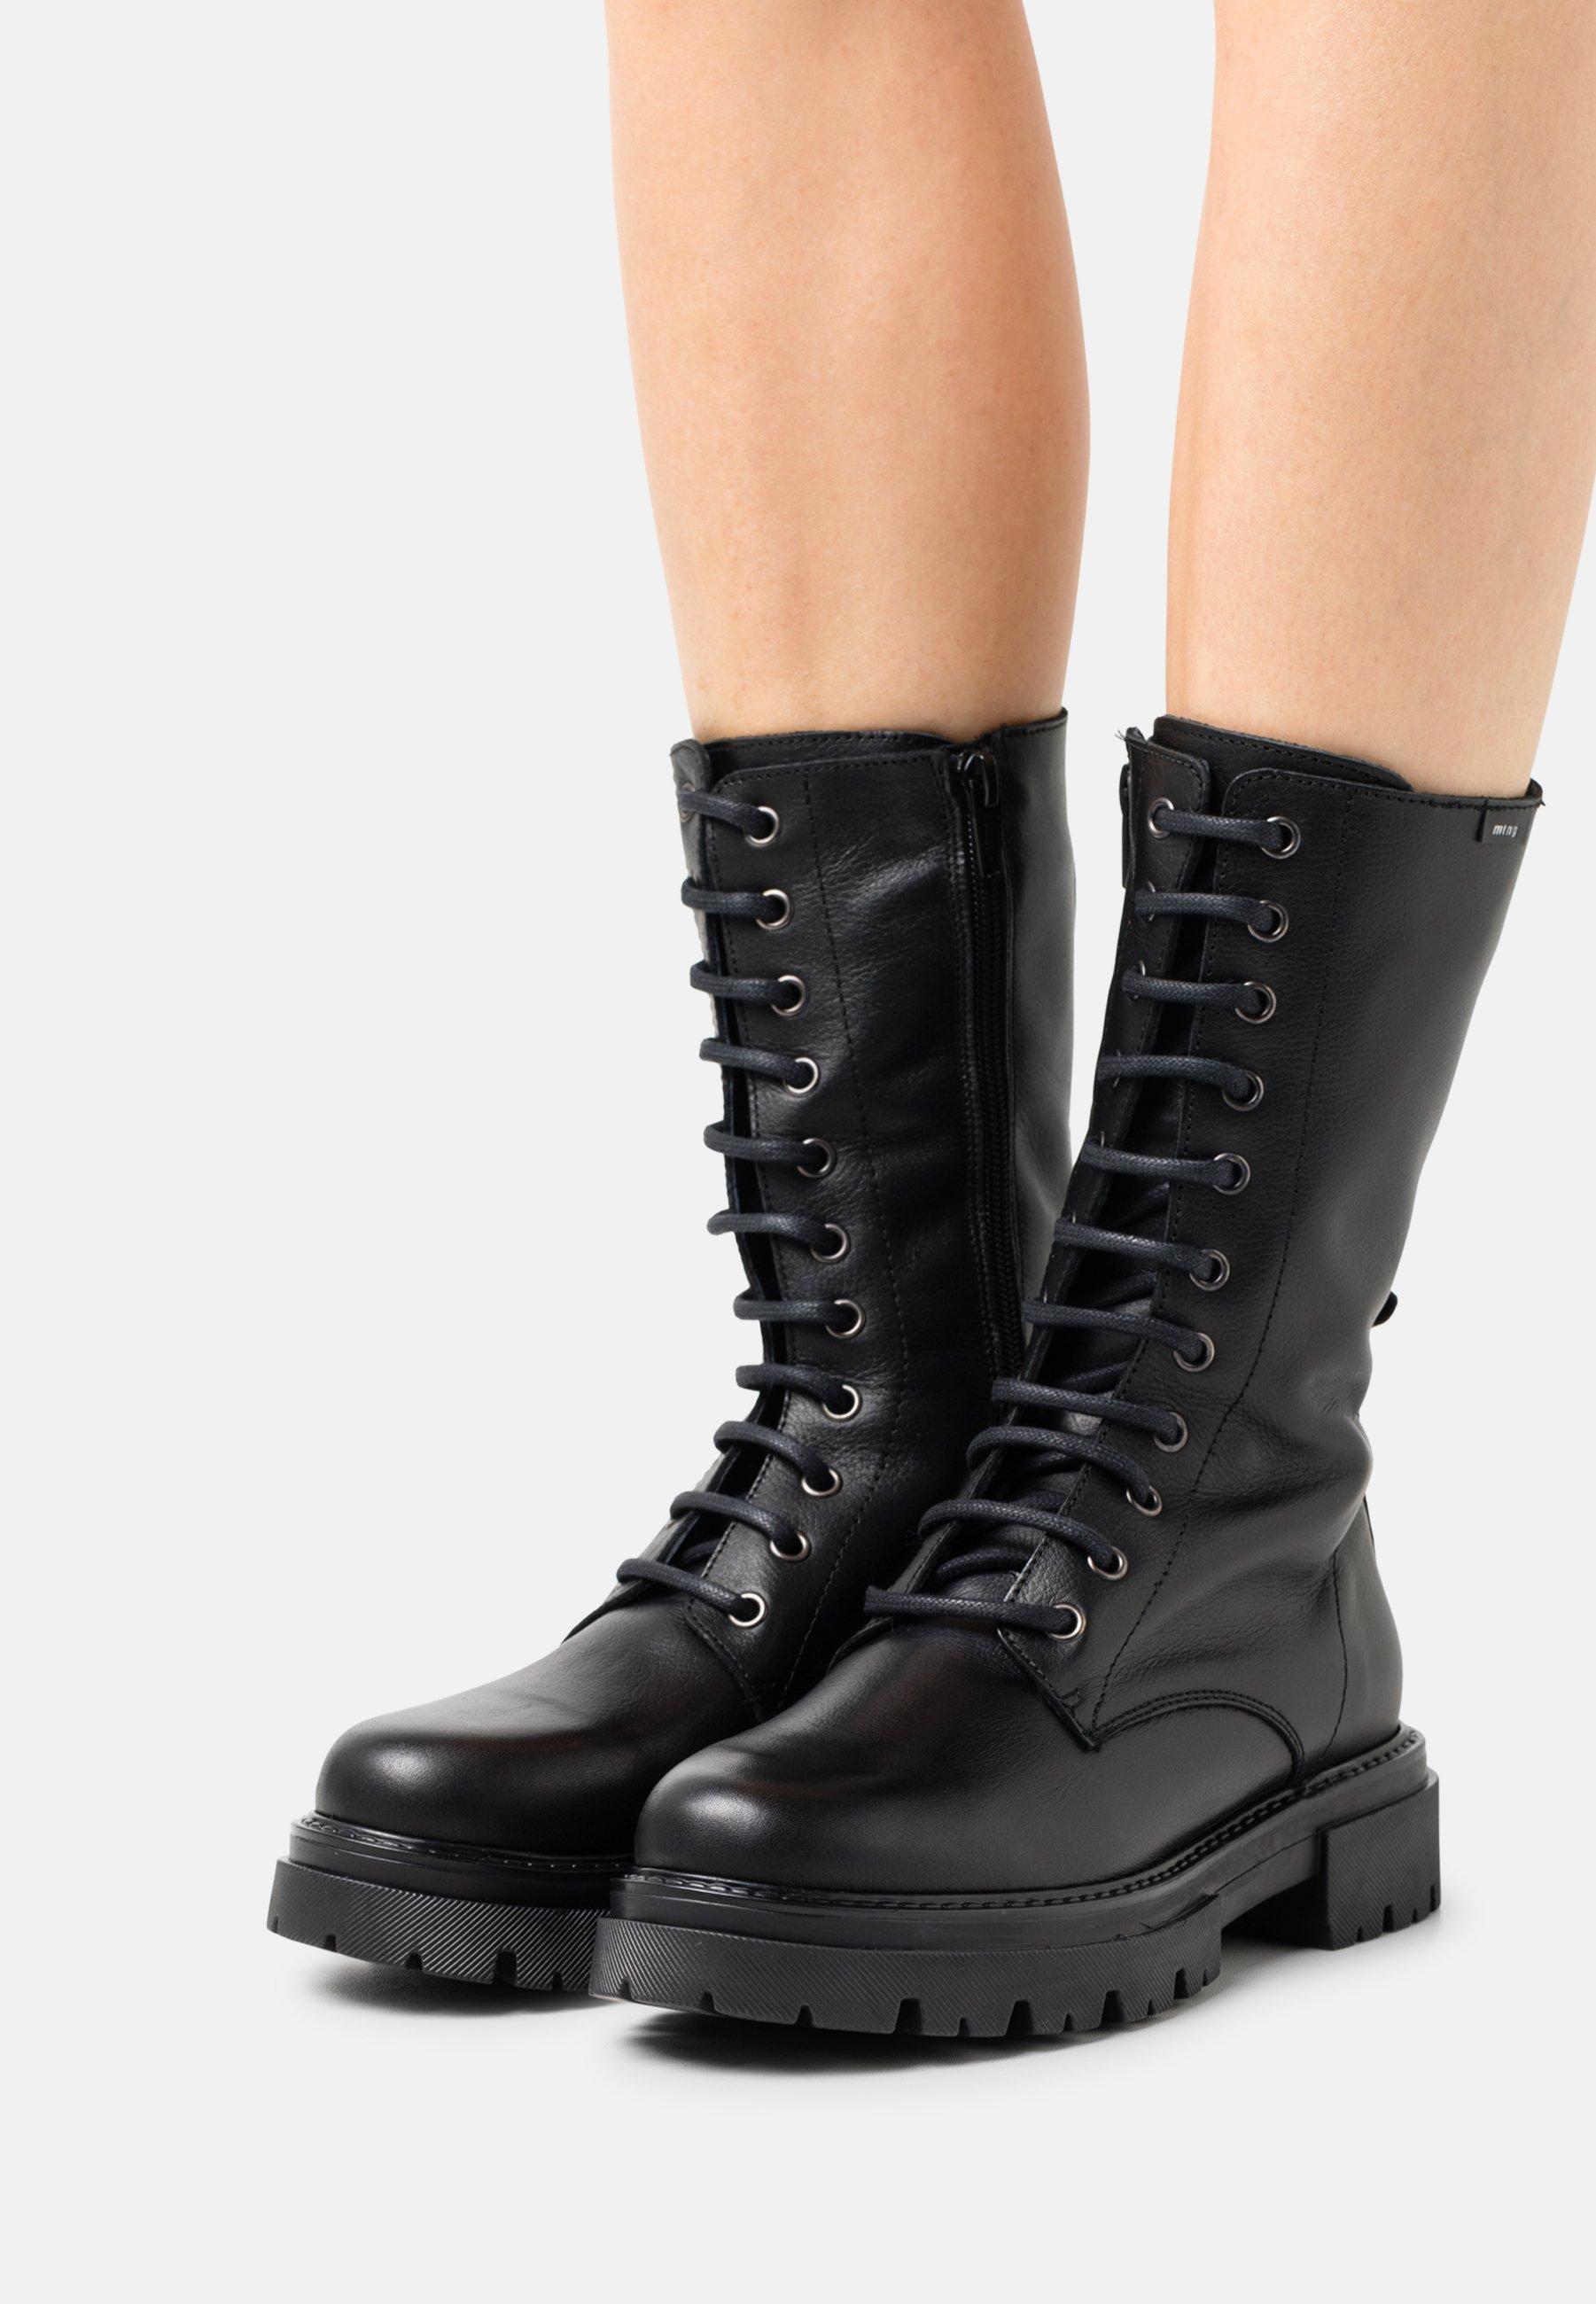 Women MERCURE - Lace-up boots - black